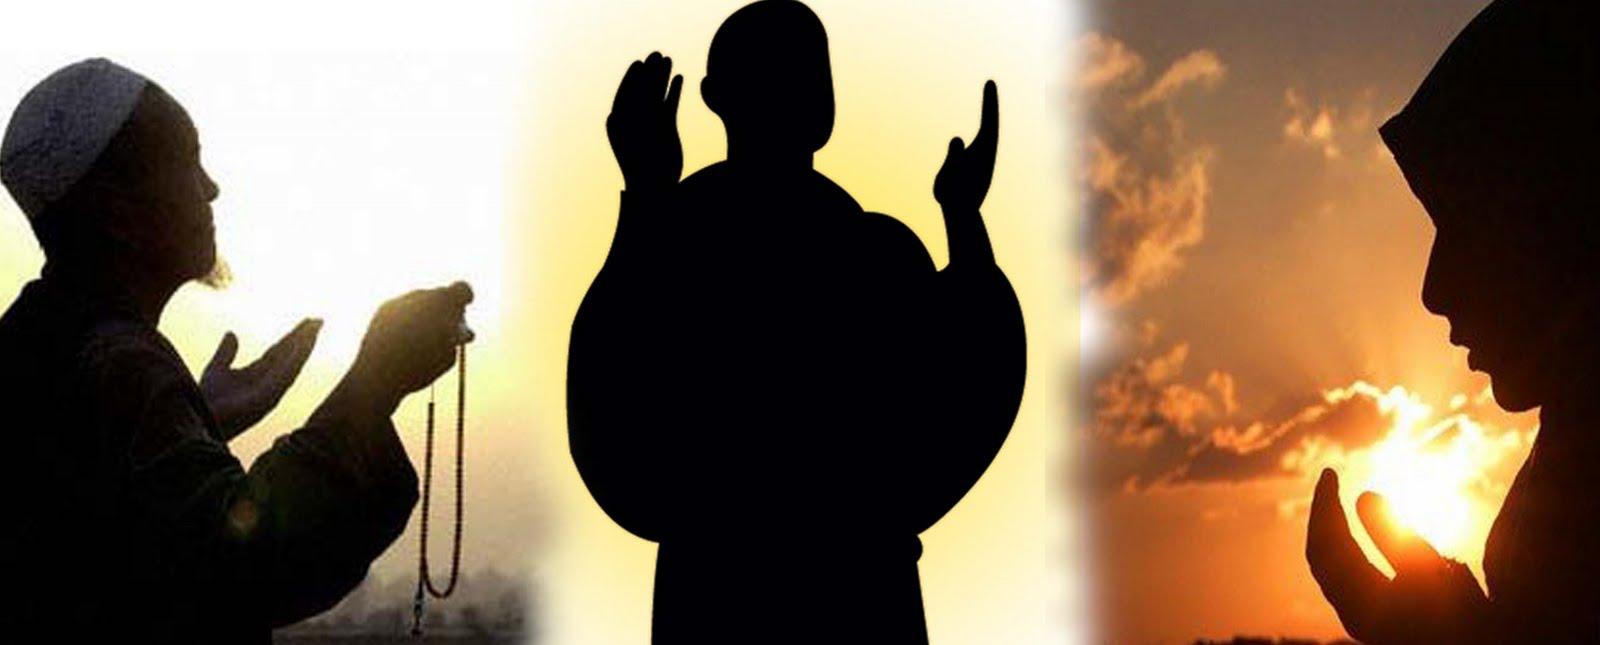 berdoa, introspeksi dan berserah diri